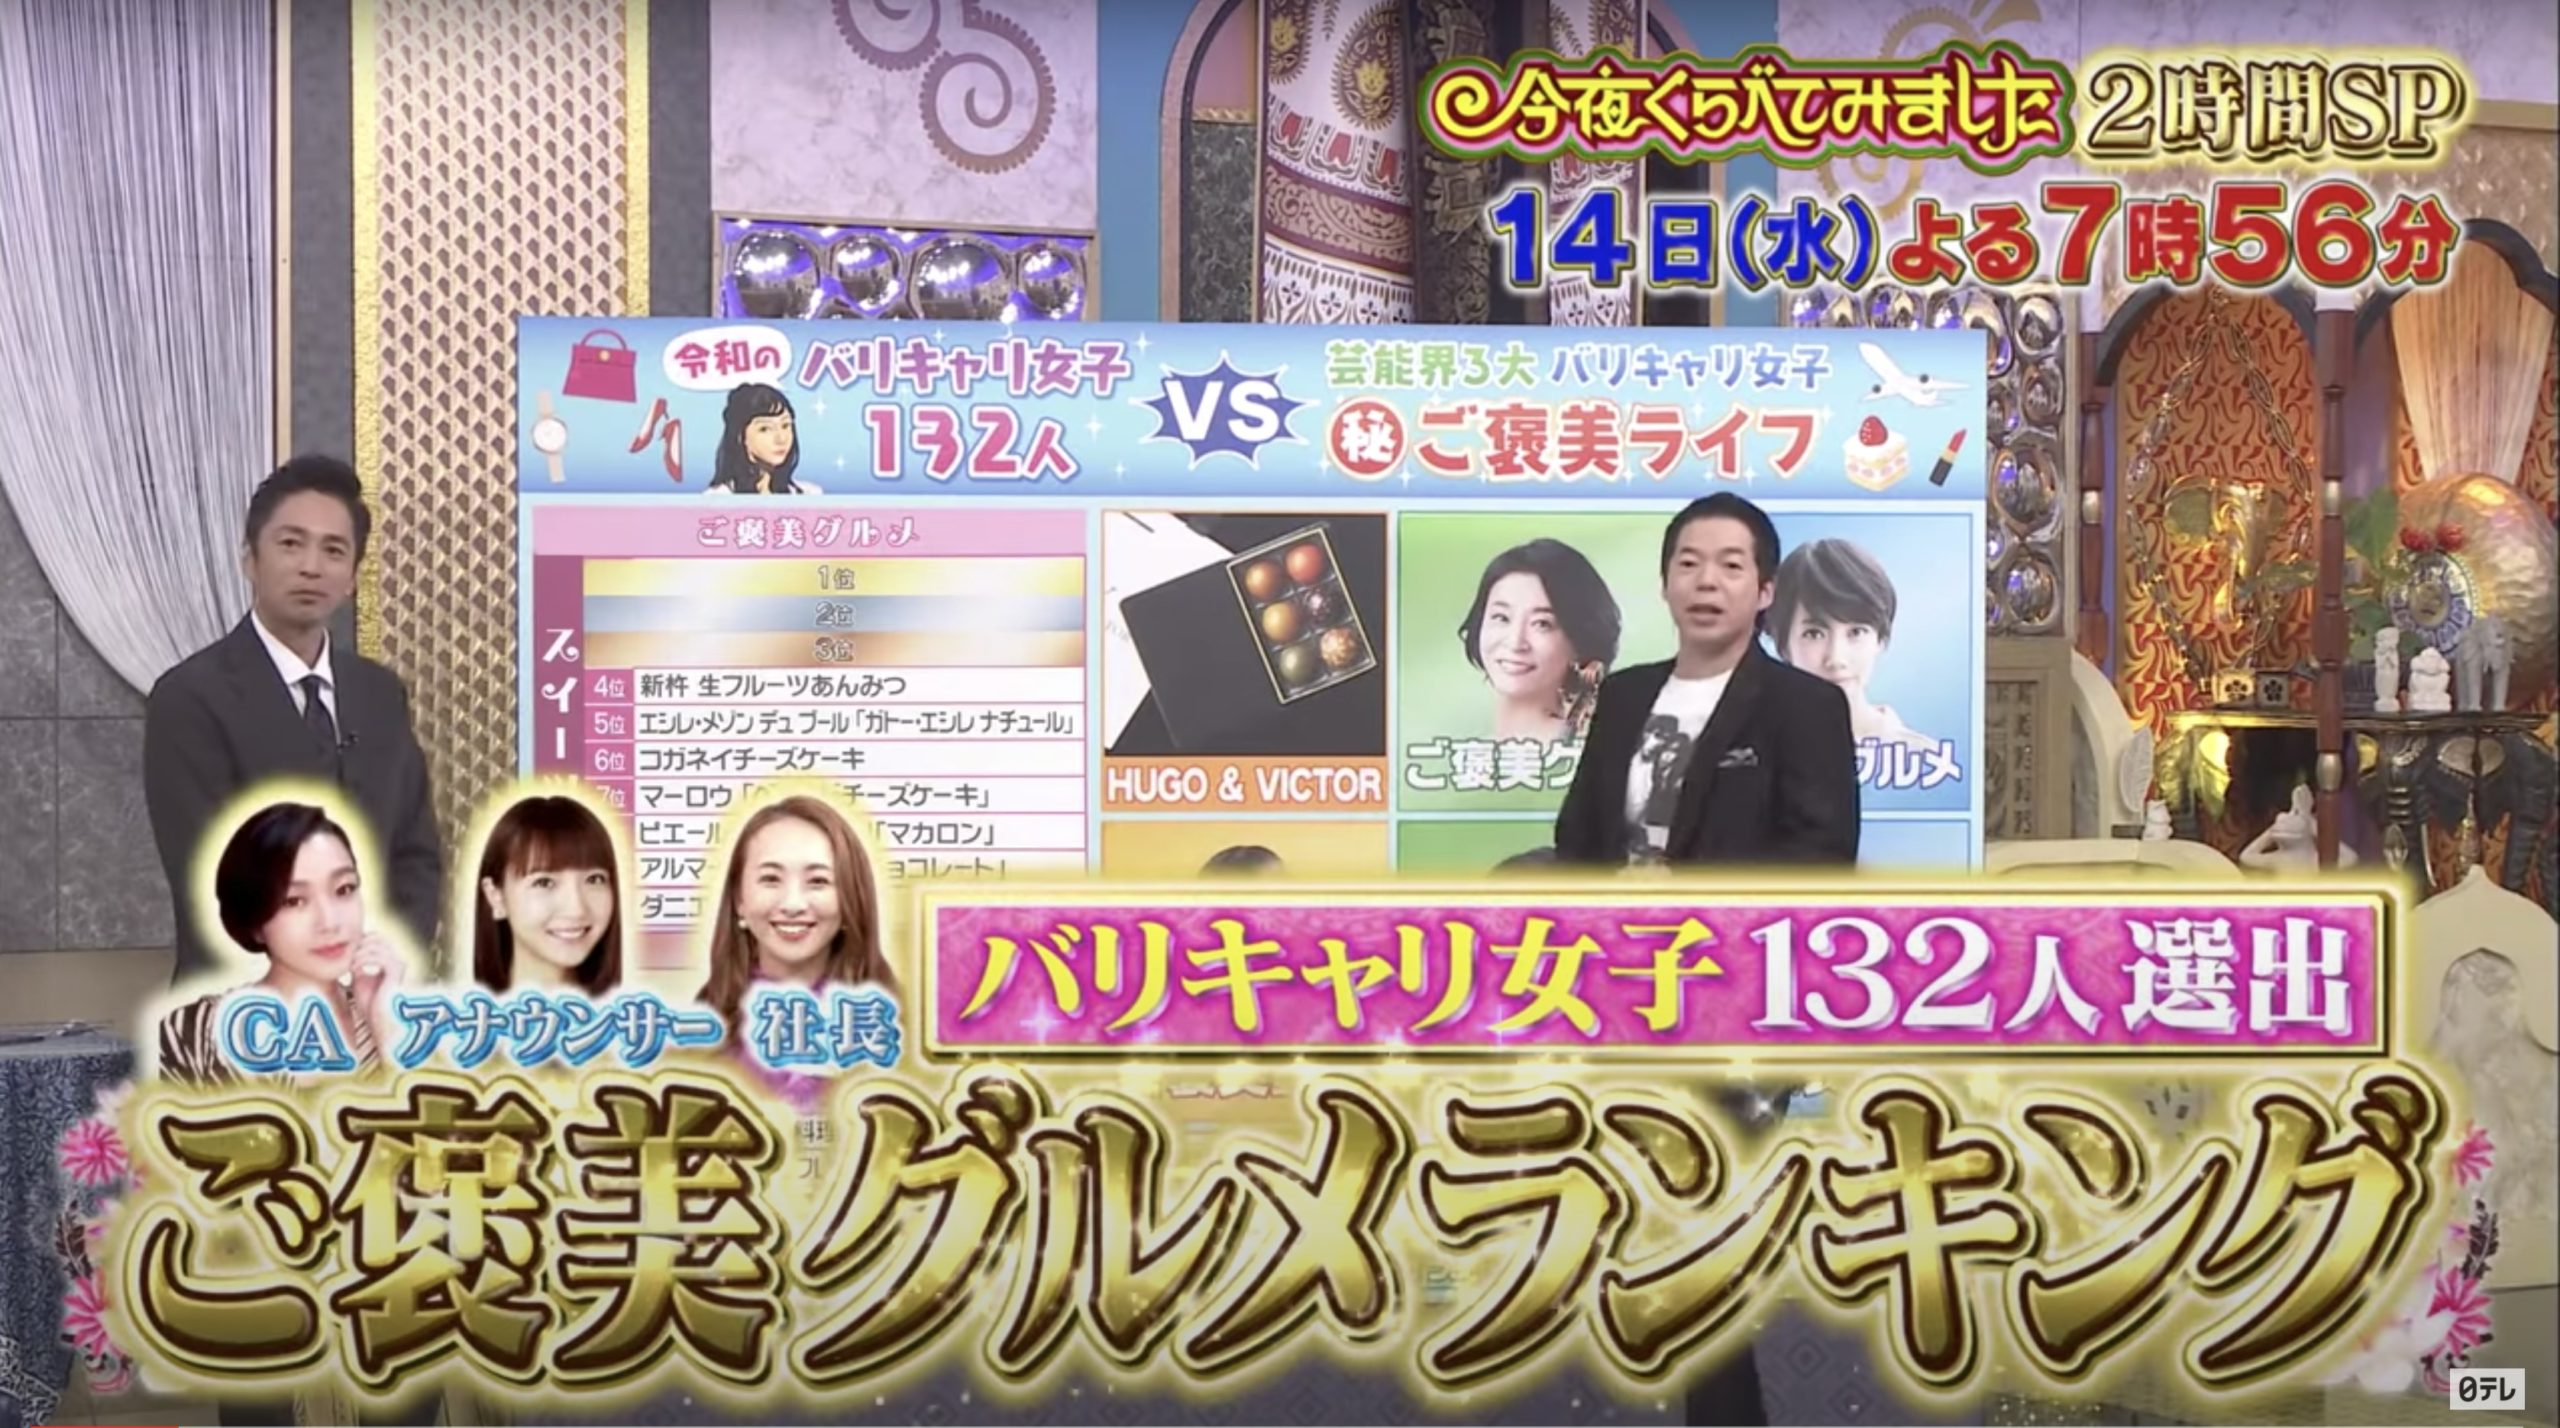 今夜くらべてみましたSP(徳井さん復帰)10月14日の無料動画や見逃し配信をフル視聴する方法!